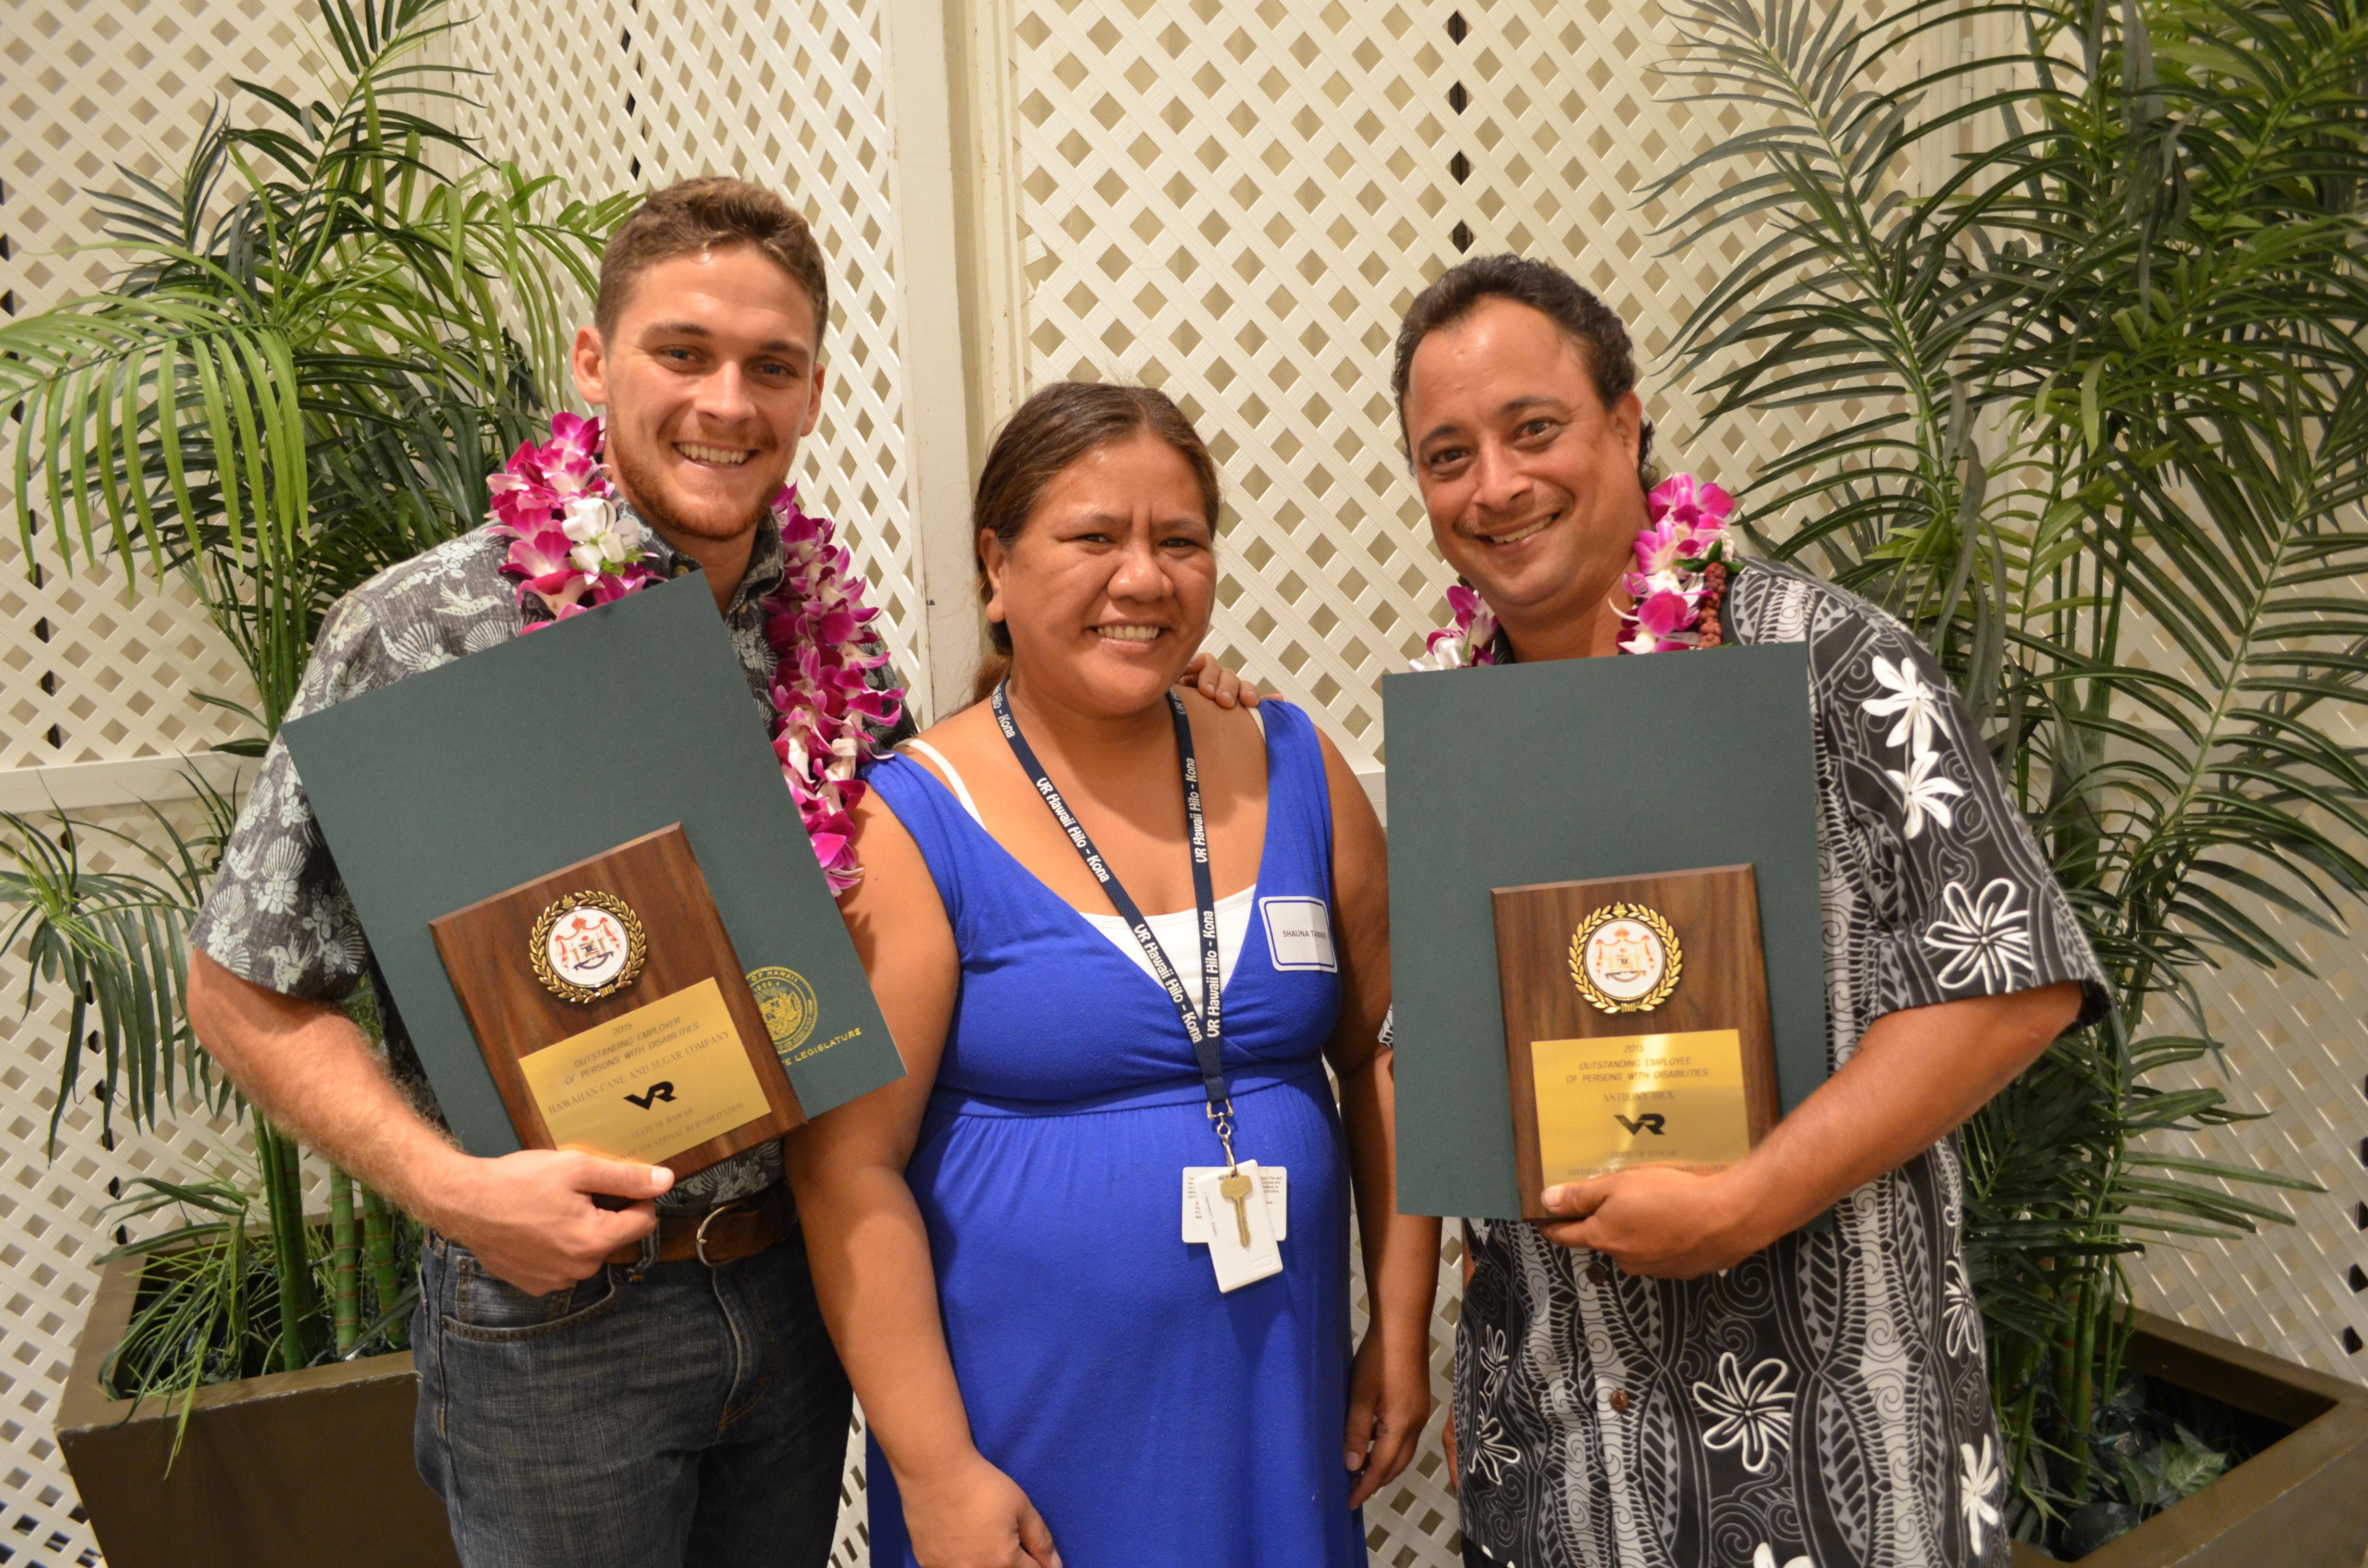 Nominate a Maui Nonprofit for Leadership Award